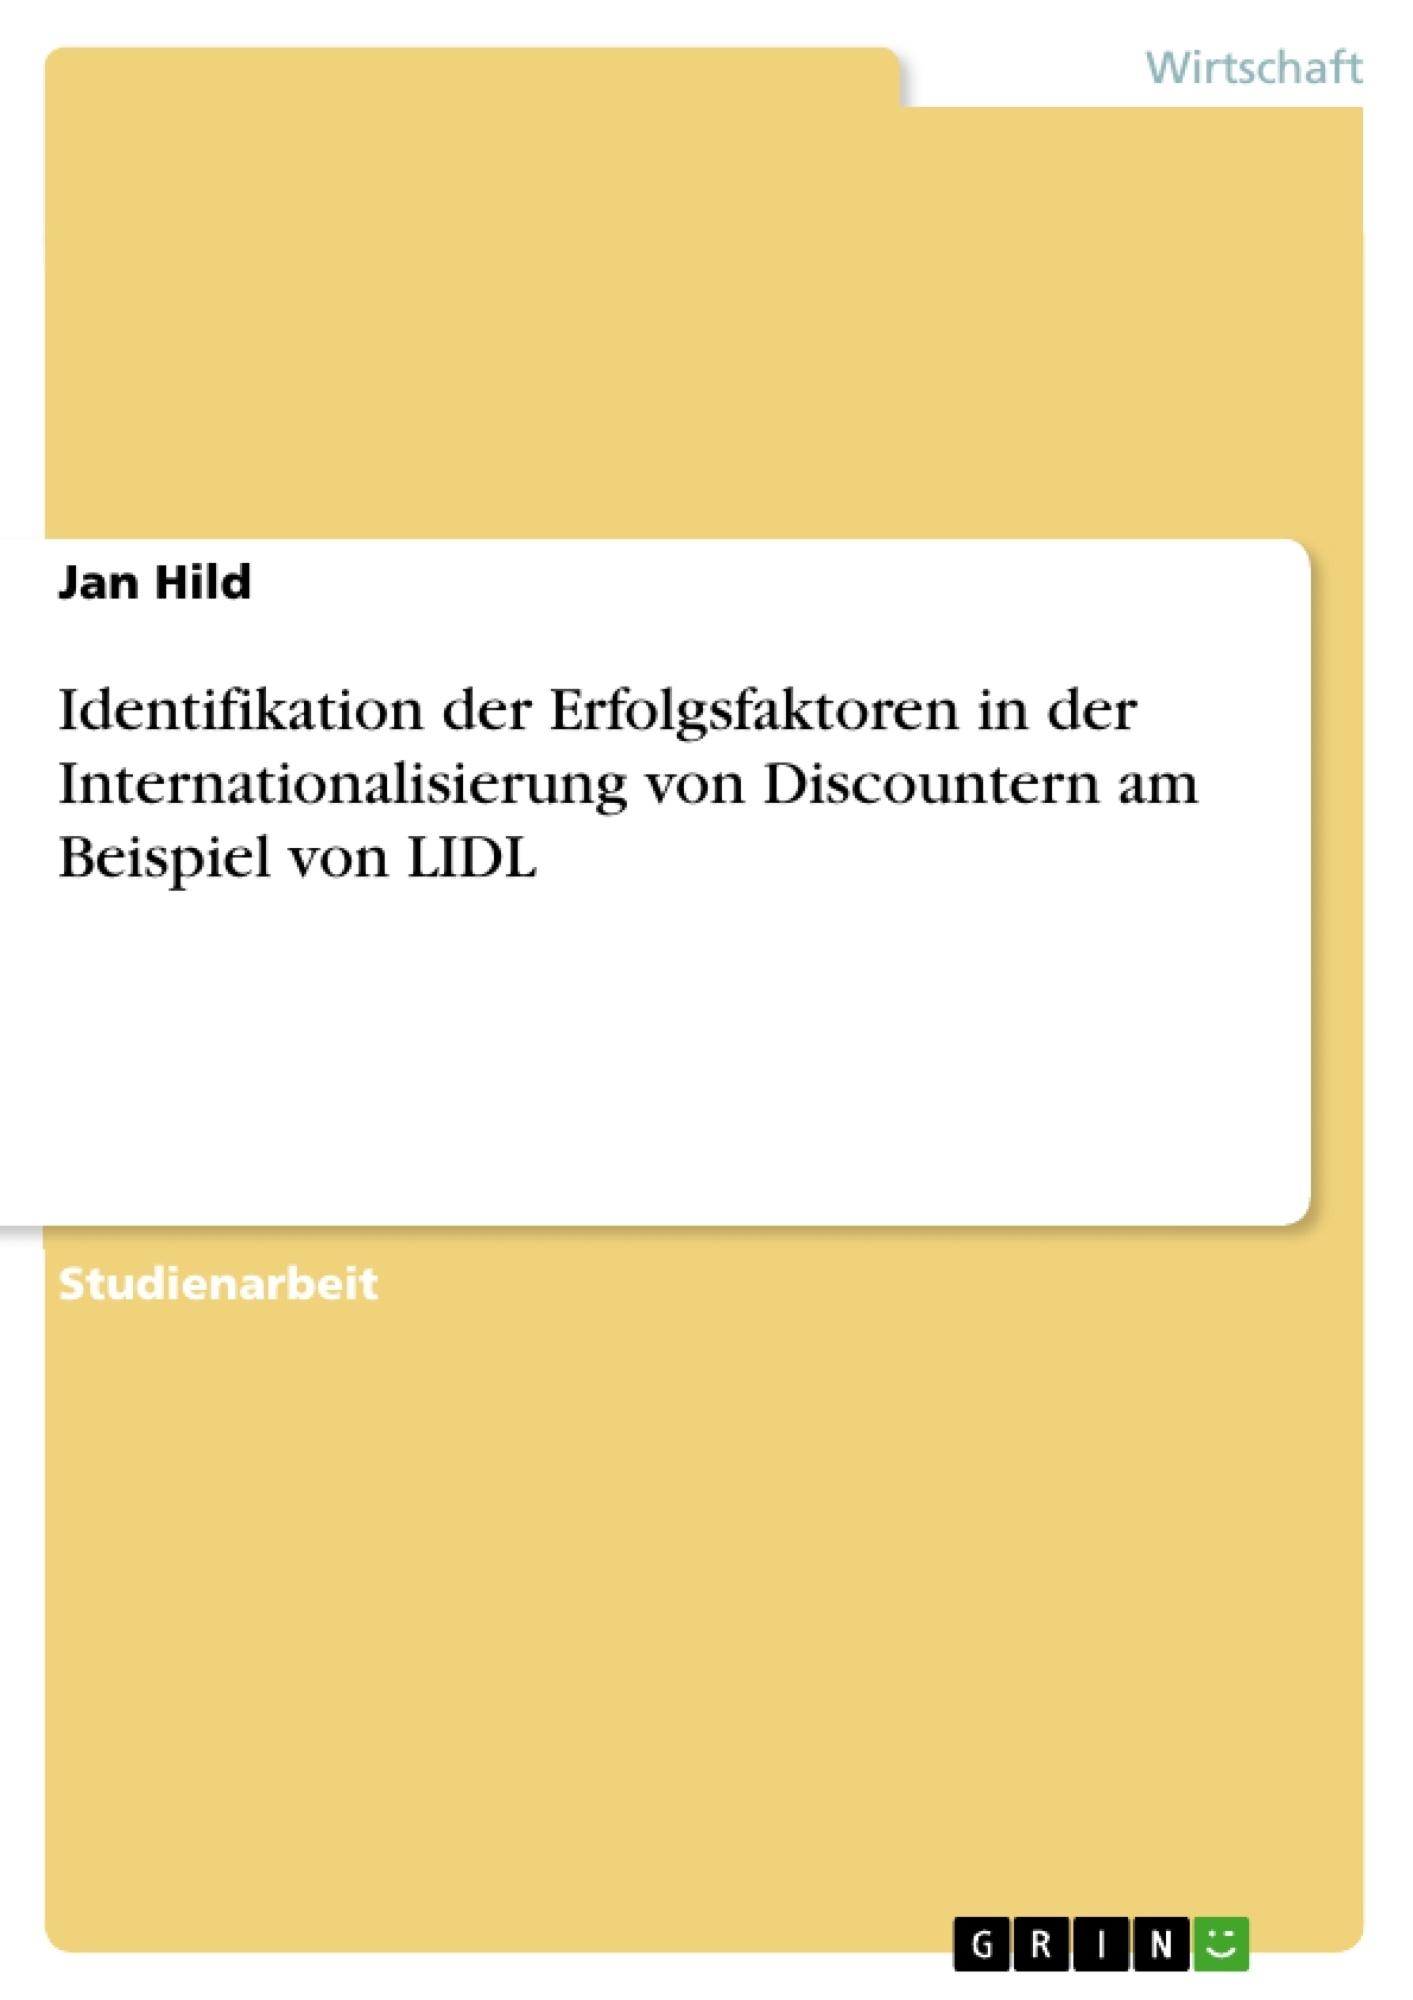 Titel: Identifikation der Erfolgsfaktoren in der Internationalisierung von Discountern am Beispiel von LIDL